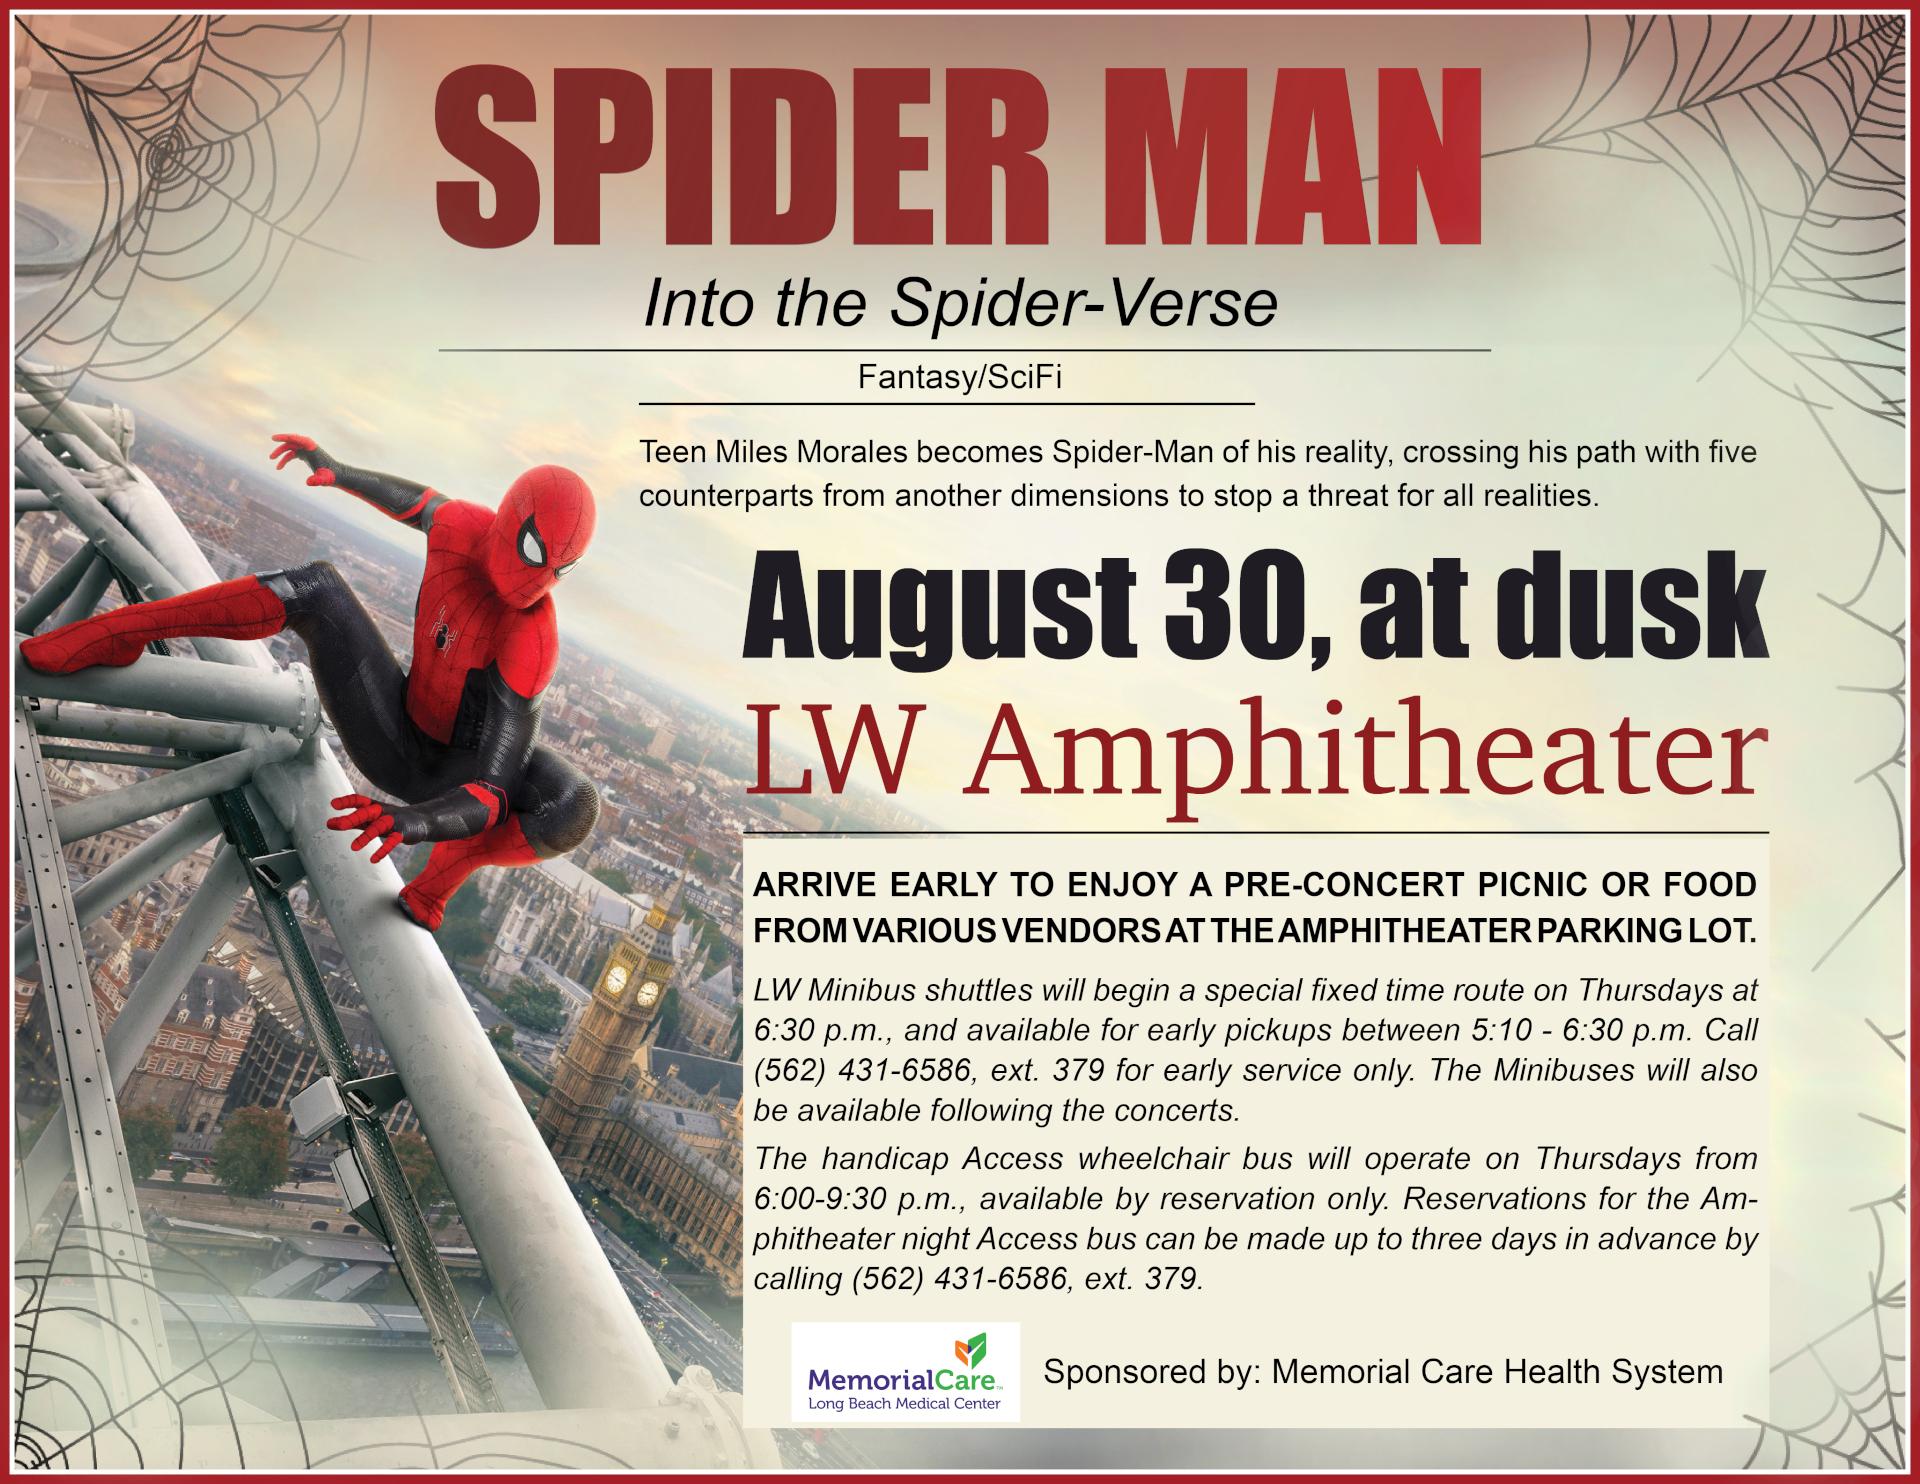 Spider man flyer 08-30